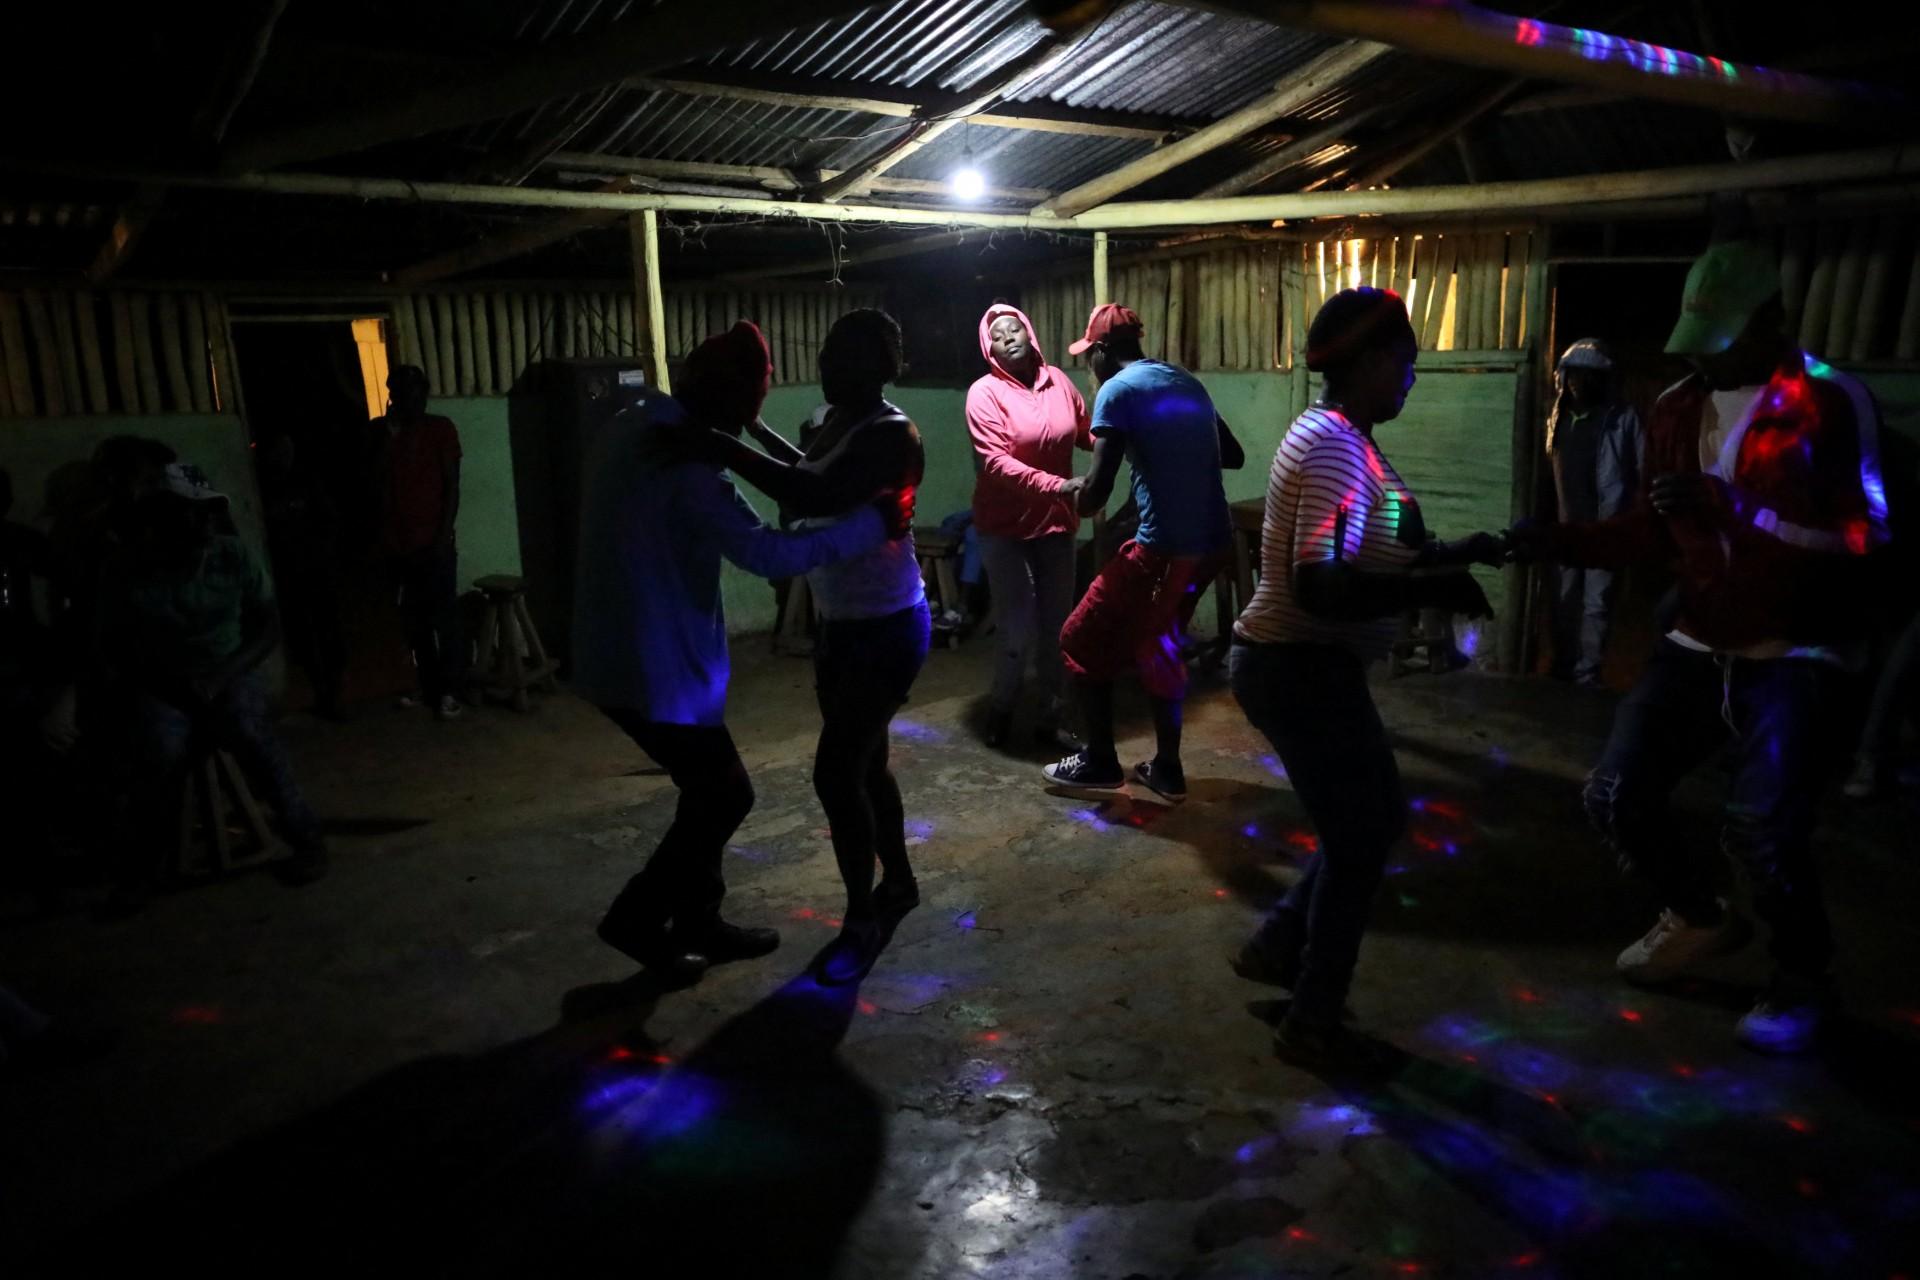 Los residentes bailan en un bar en Boucan Ferdinand, Haití, el 8 de abril de 2018. La noche del domingo es el único momento en que el bar está abierto y los residentes se reúnen allí para socializar y bailar.